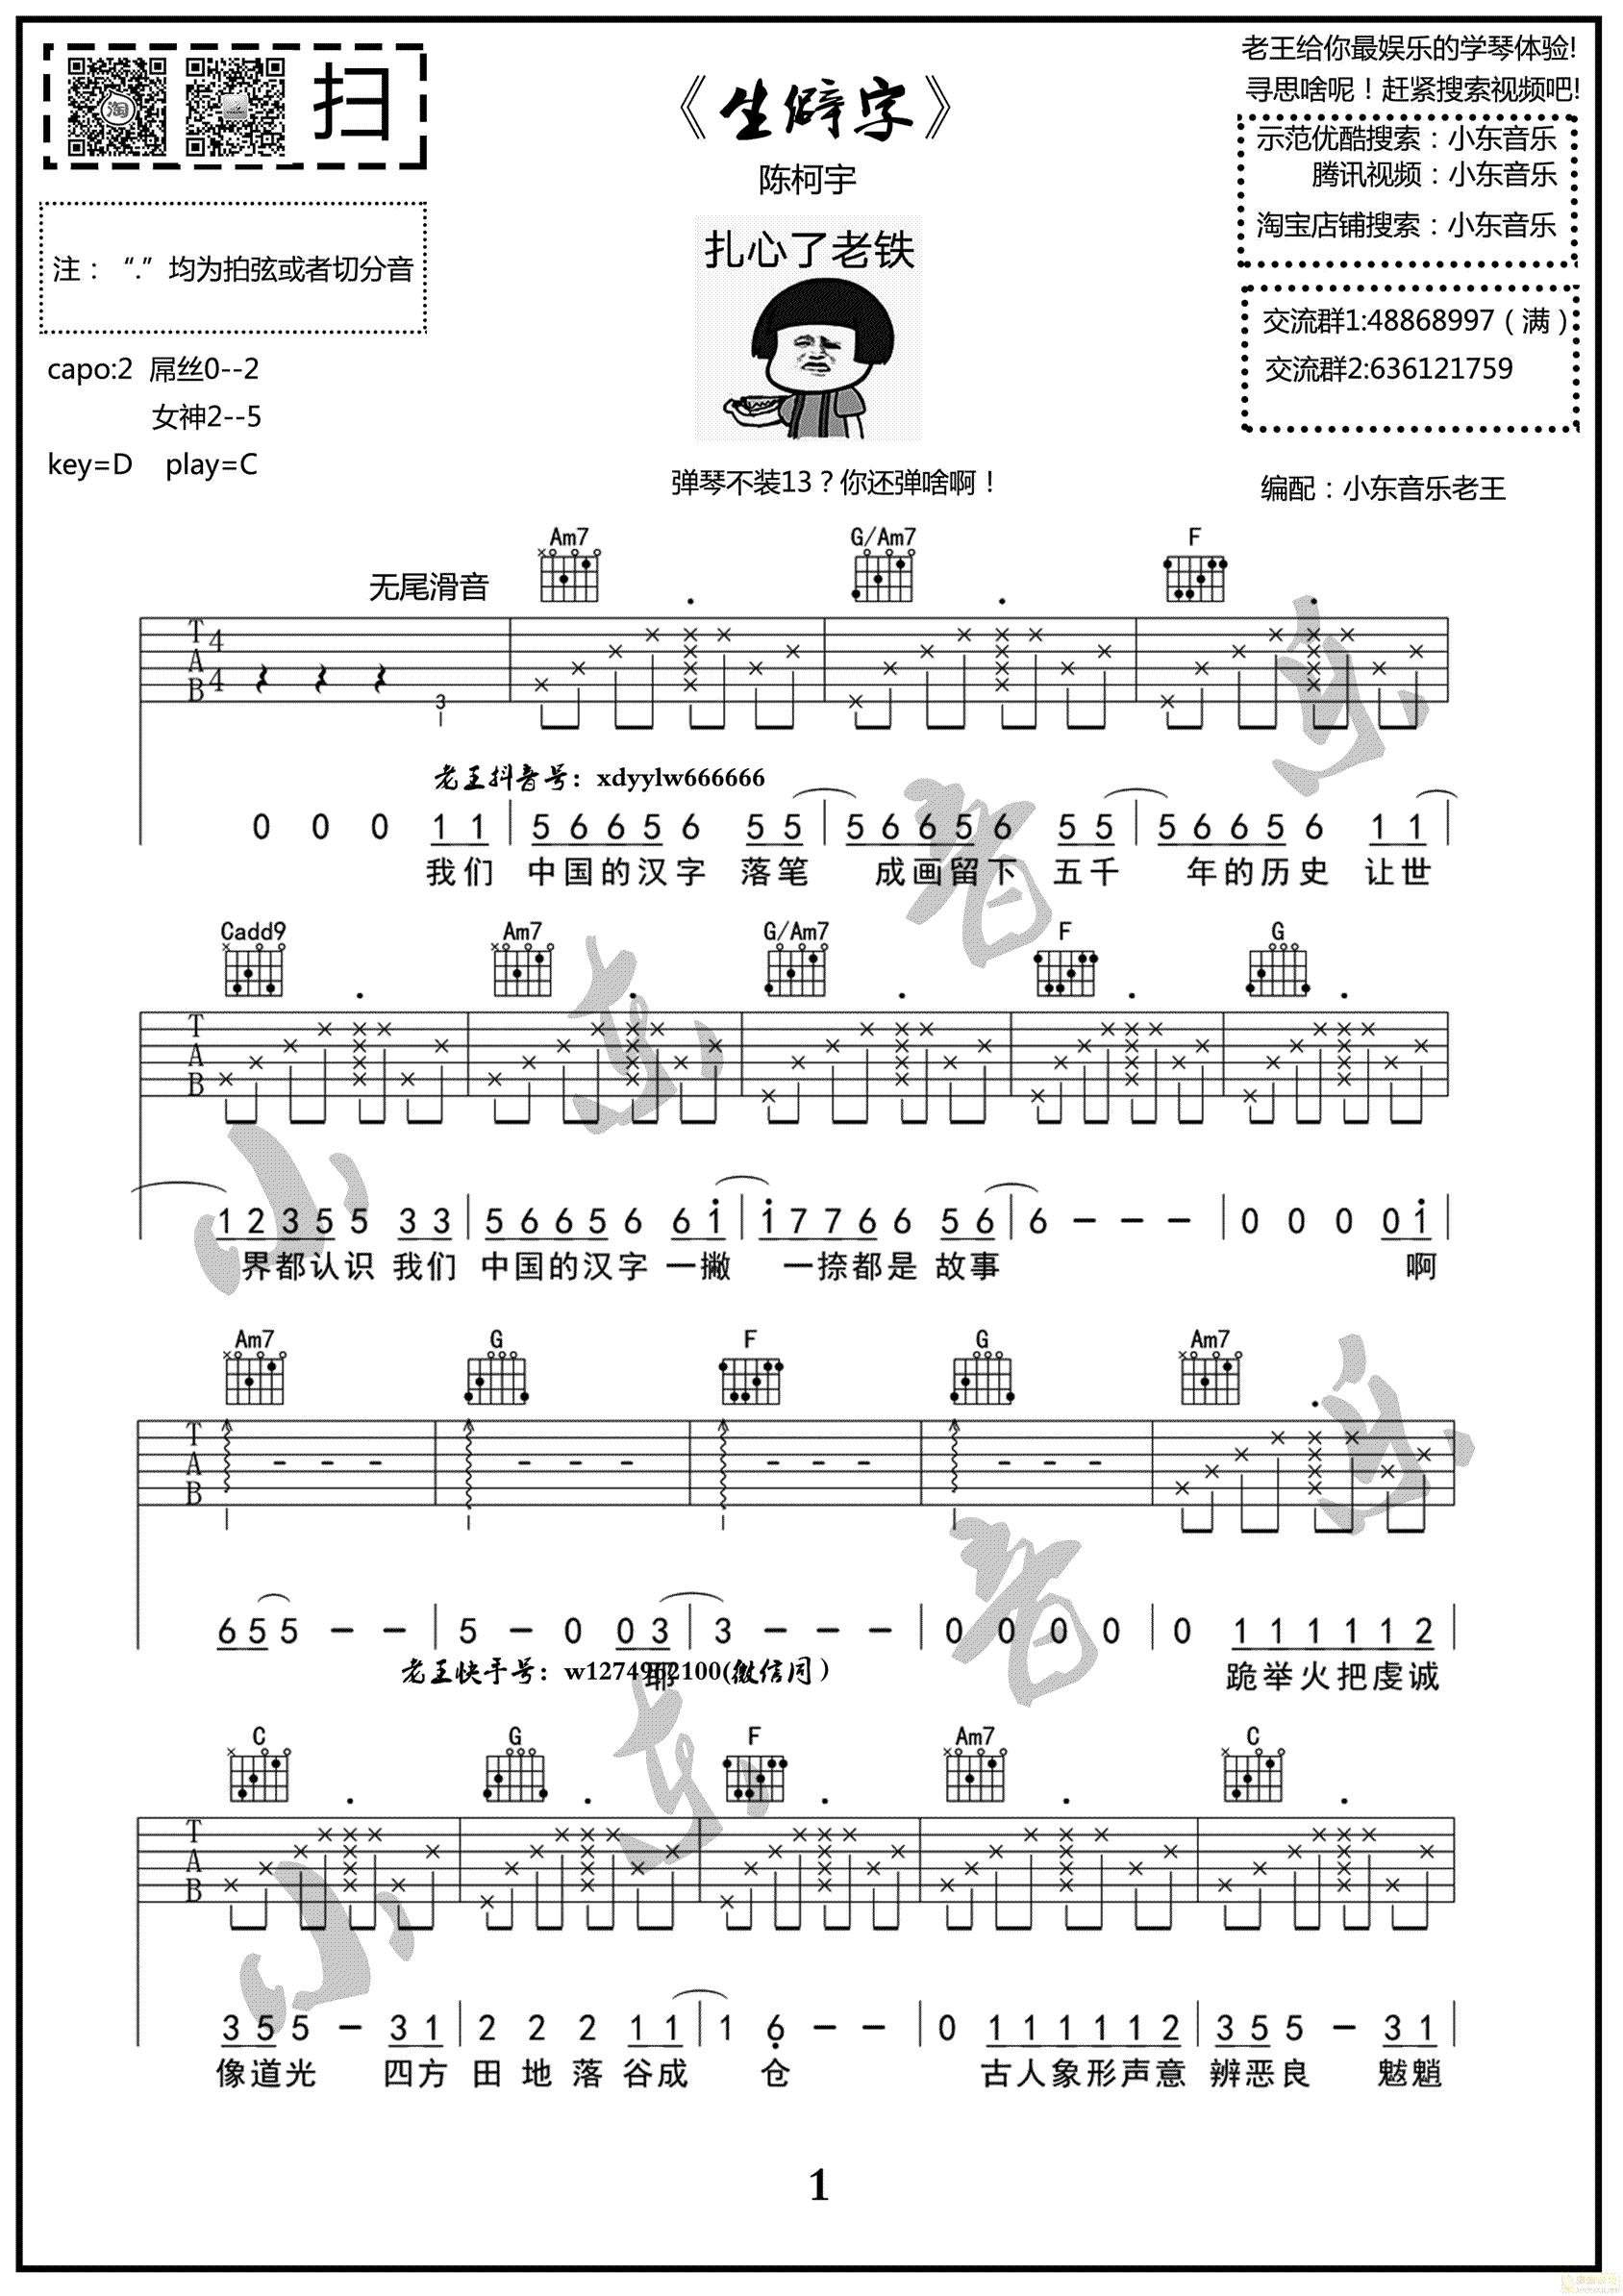 生僻字-陳柯宇-图片吉他谱-1